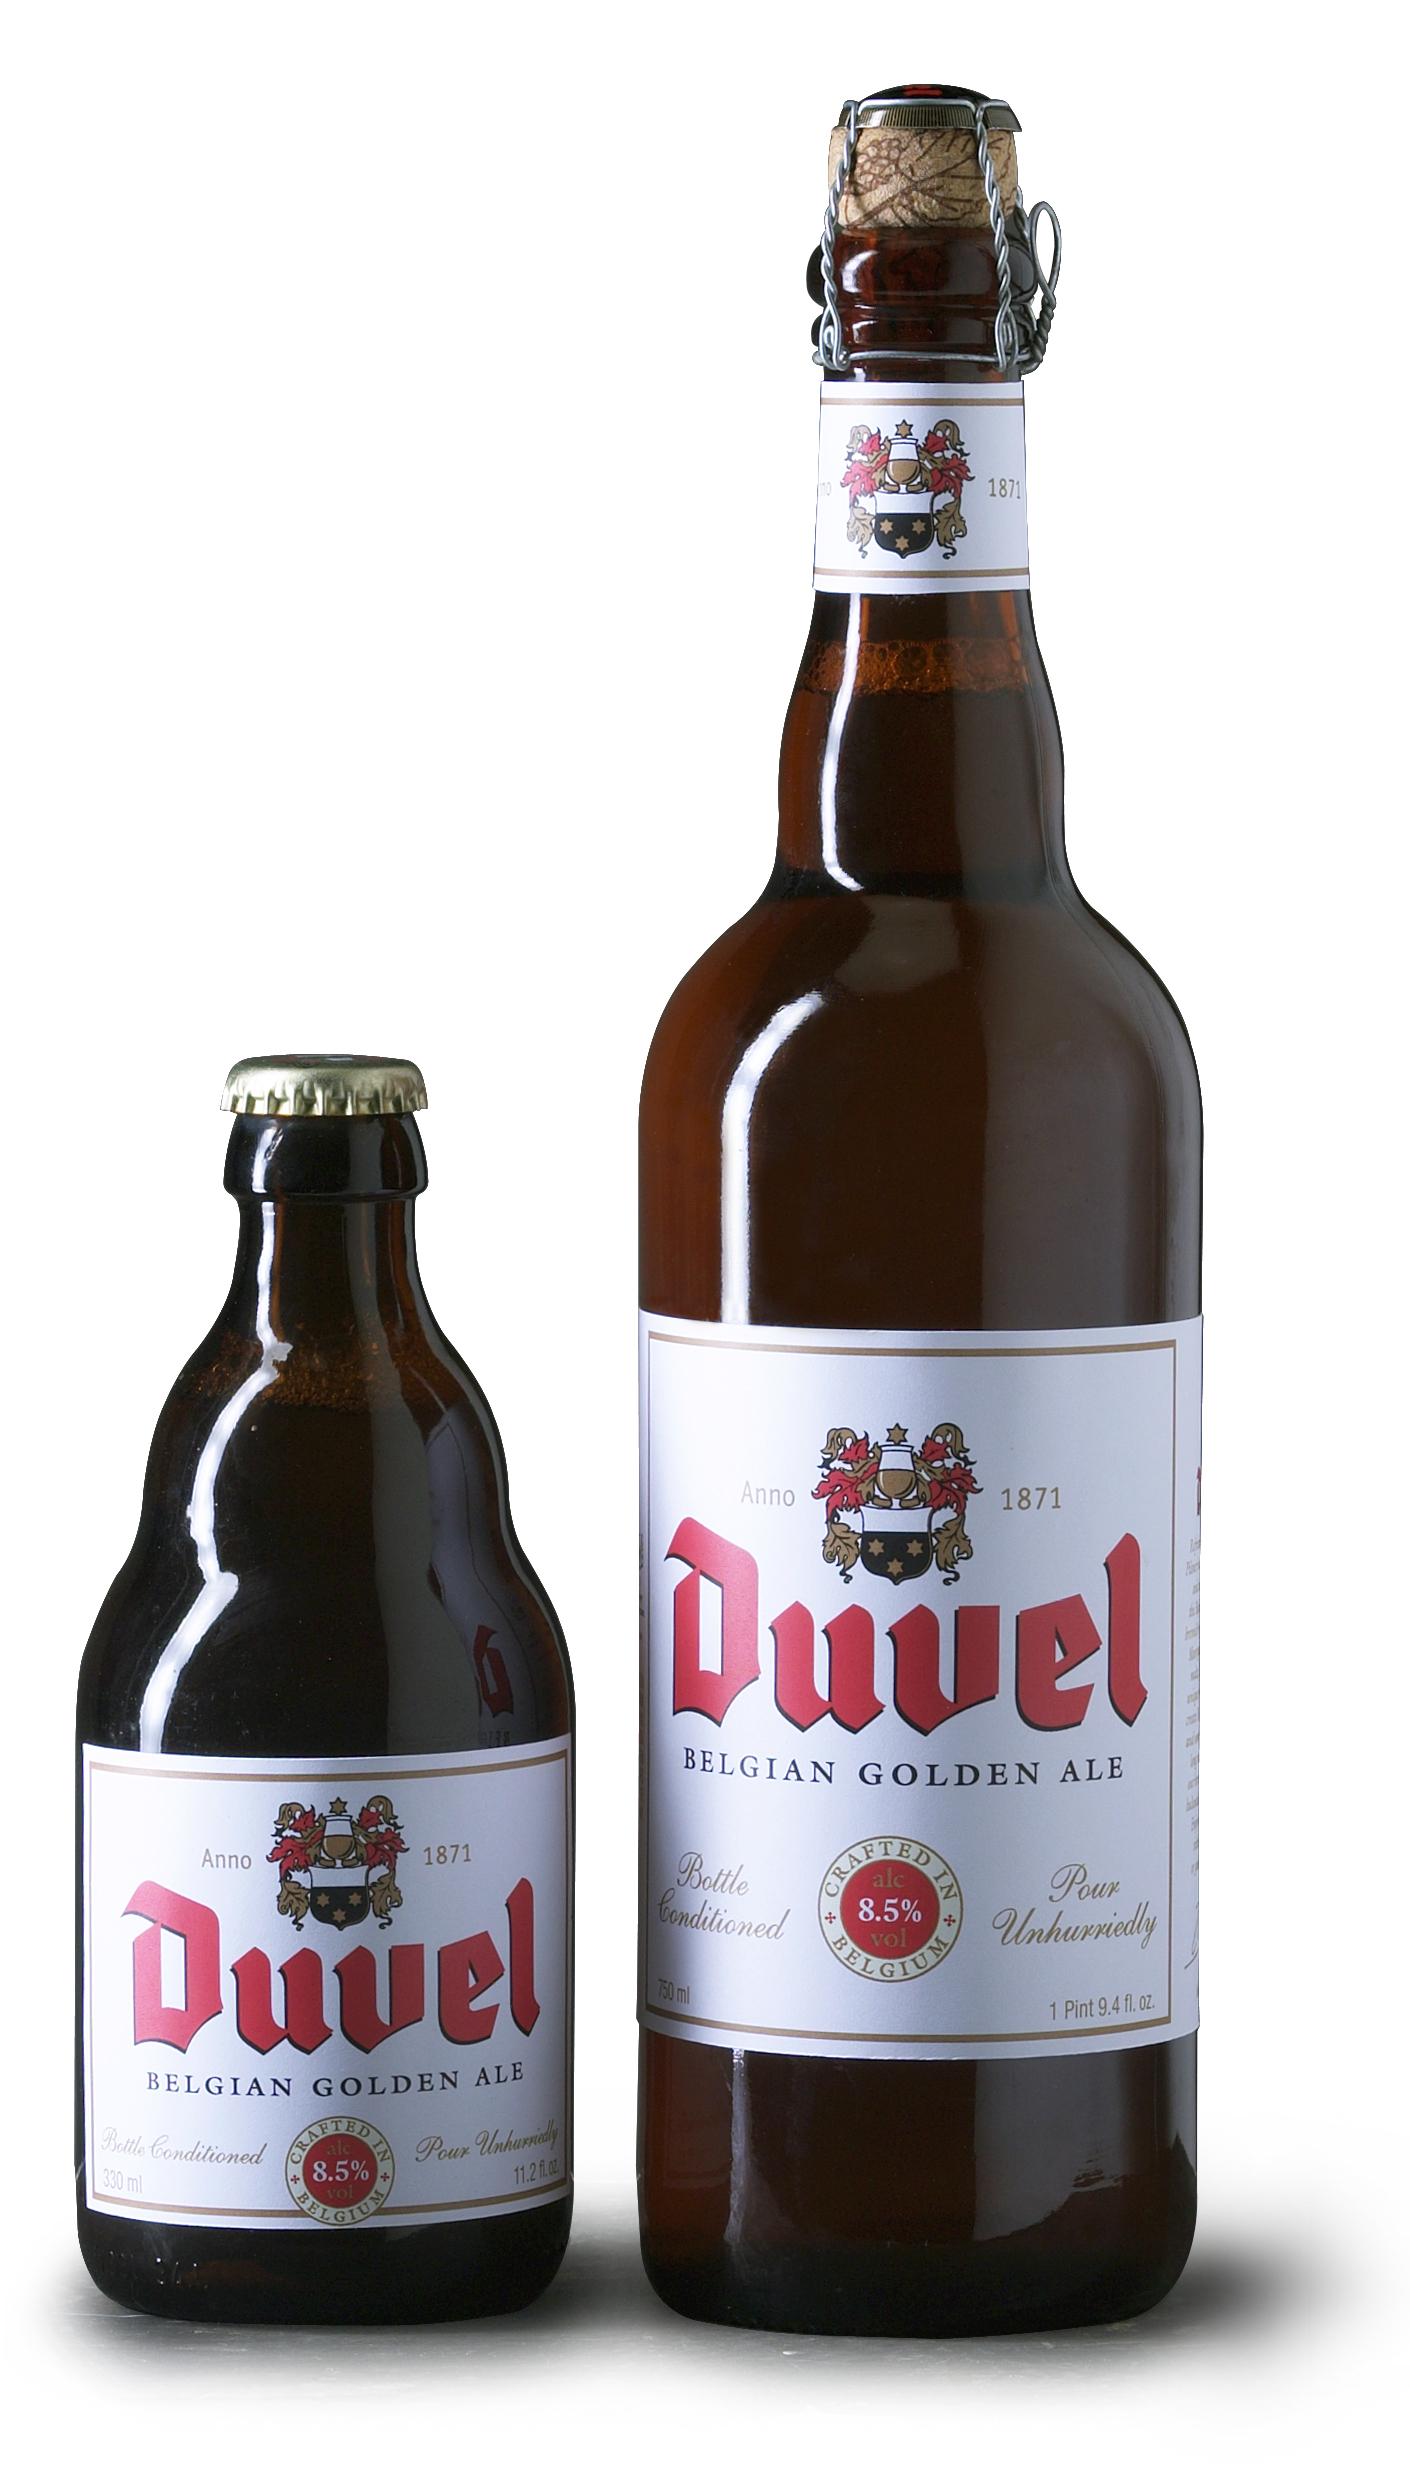 Duvel Packaging.jpg